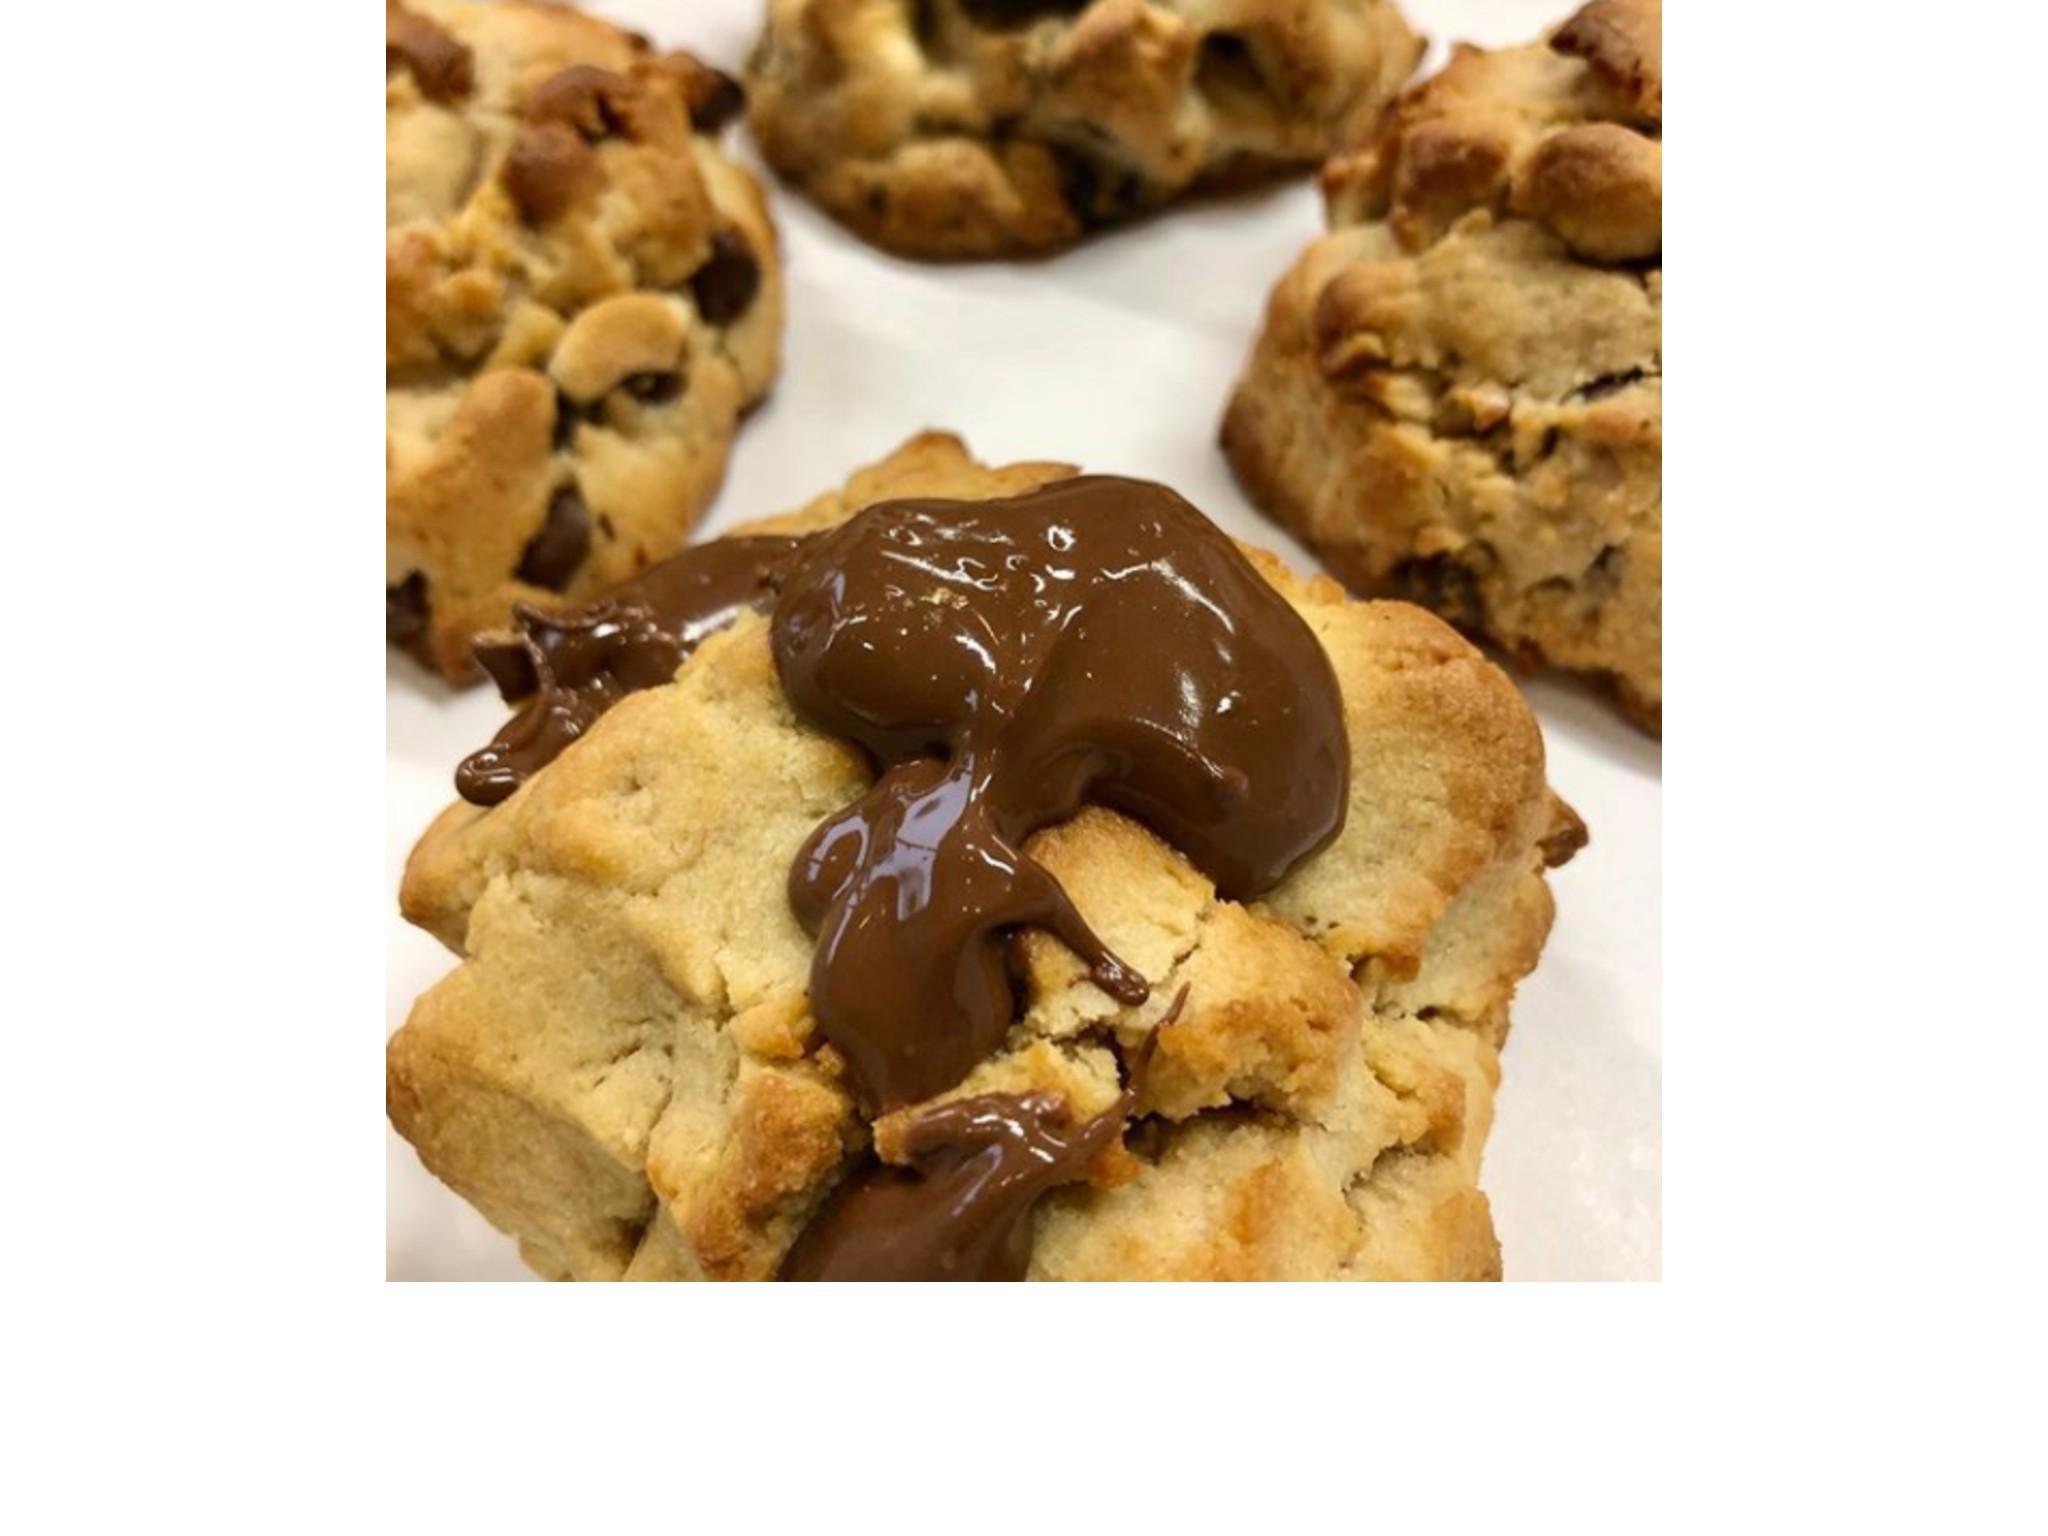 galleta de nutella